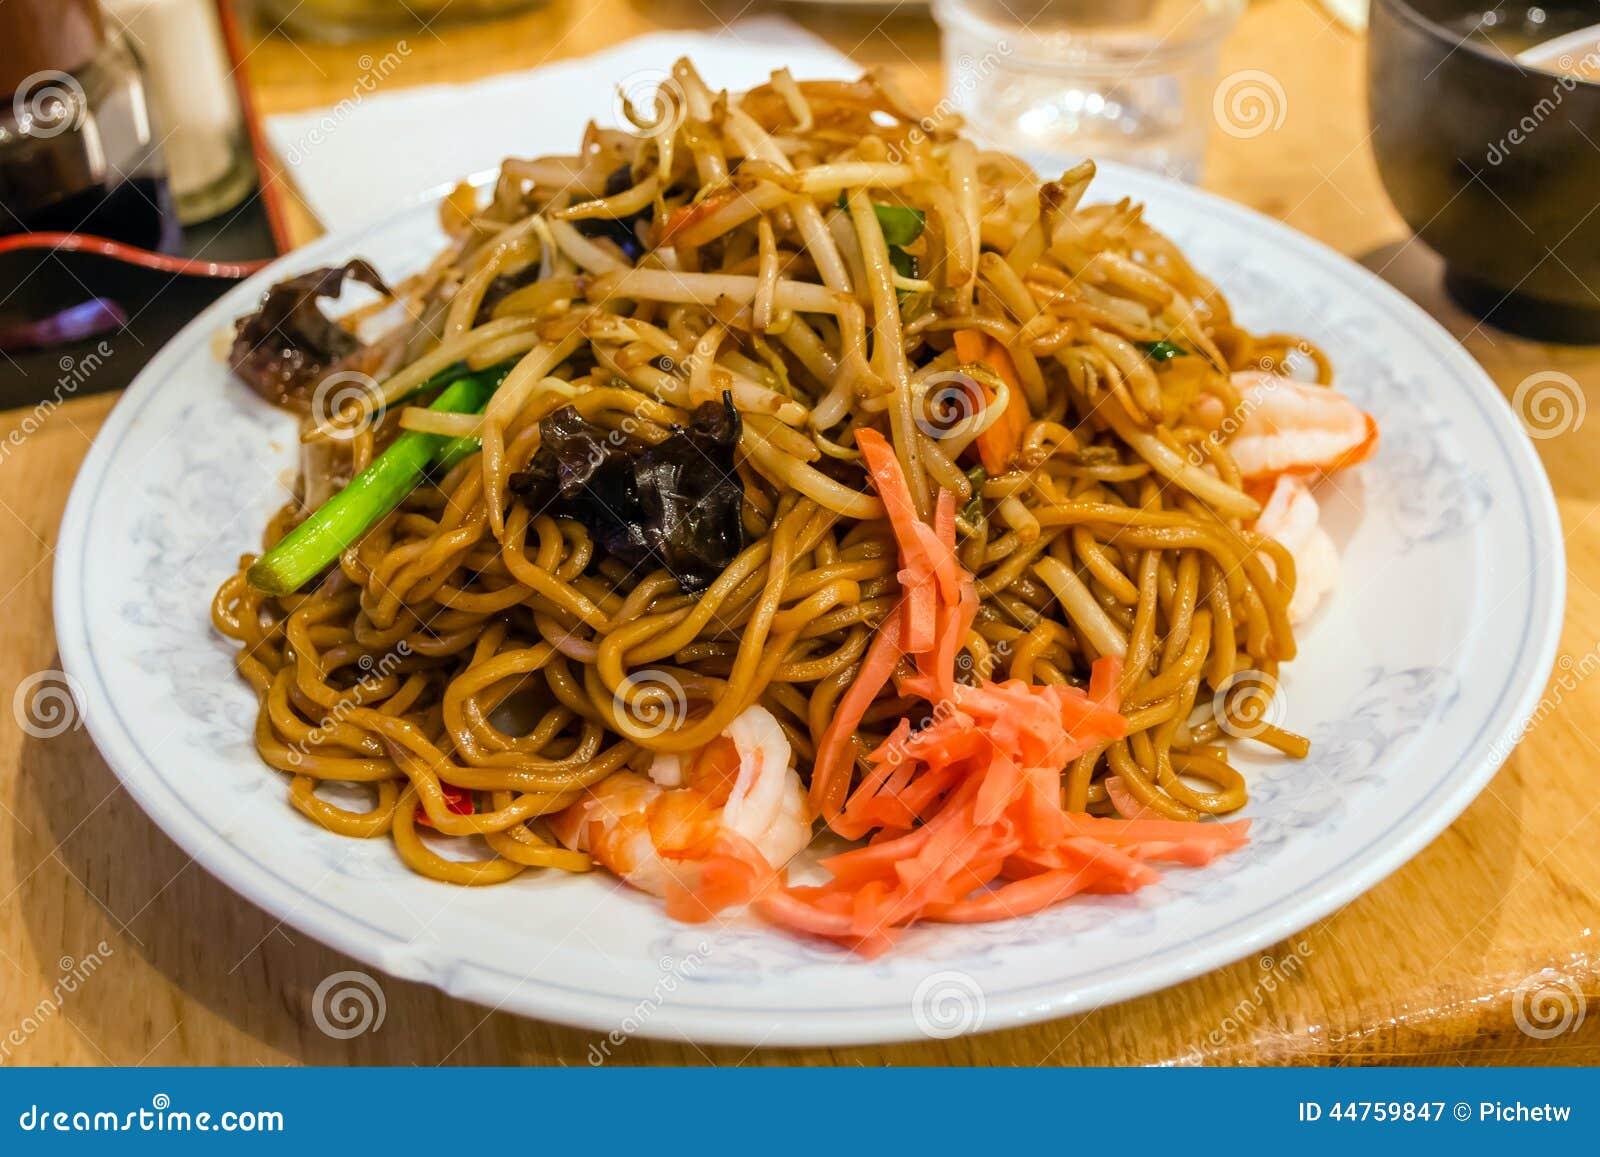 Stir Fried Noodles, Yakisoba Stock Photo - Image: 44759847